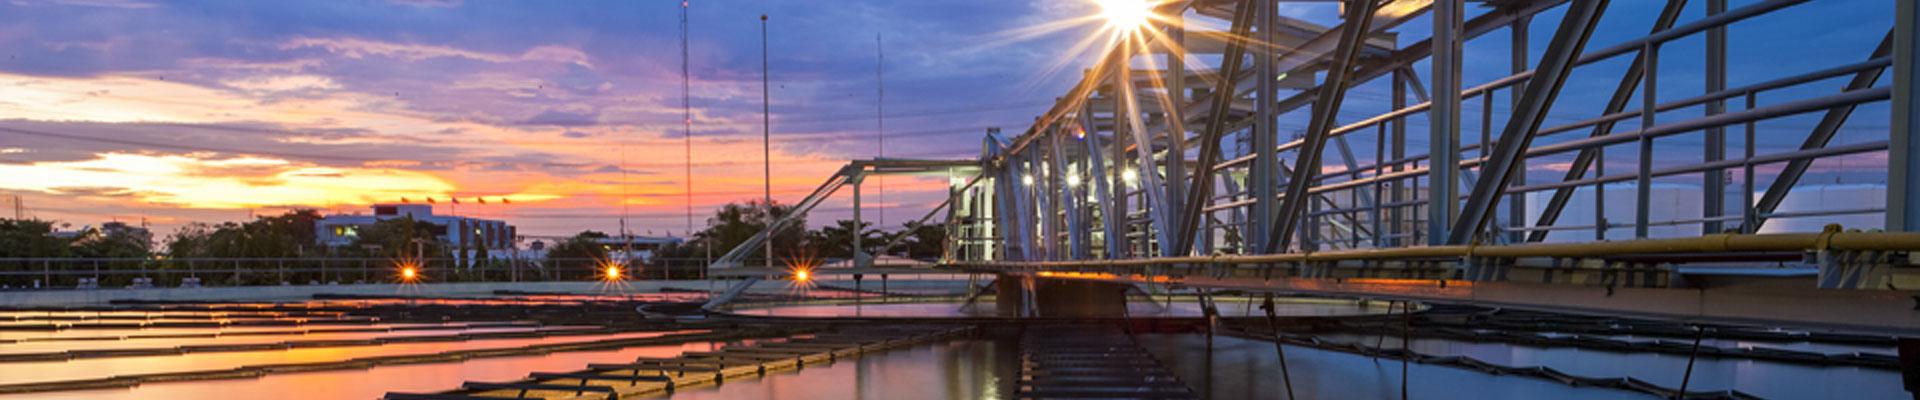 municipal wastewater treatment clarifier sunrise